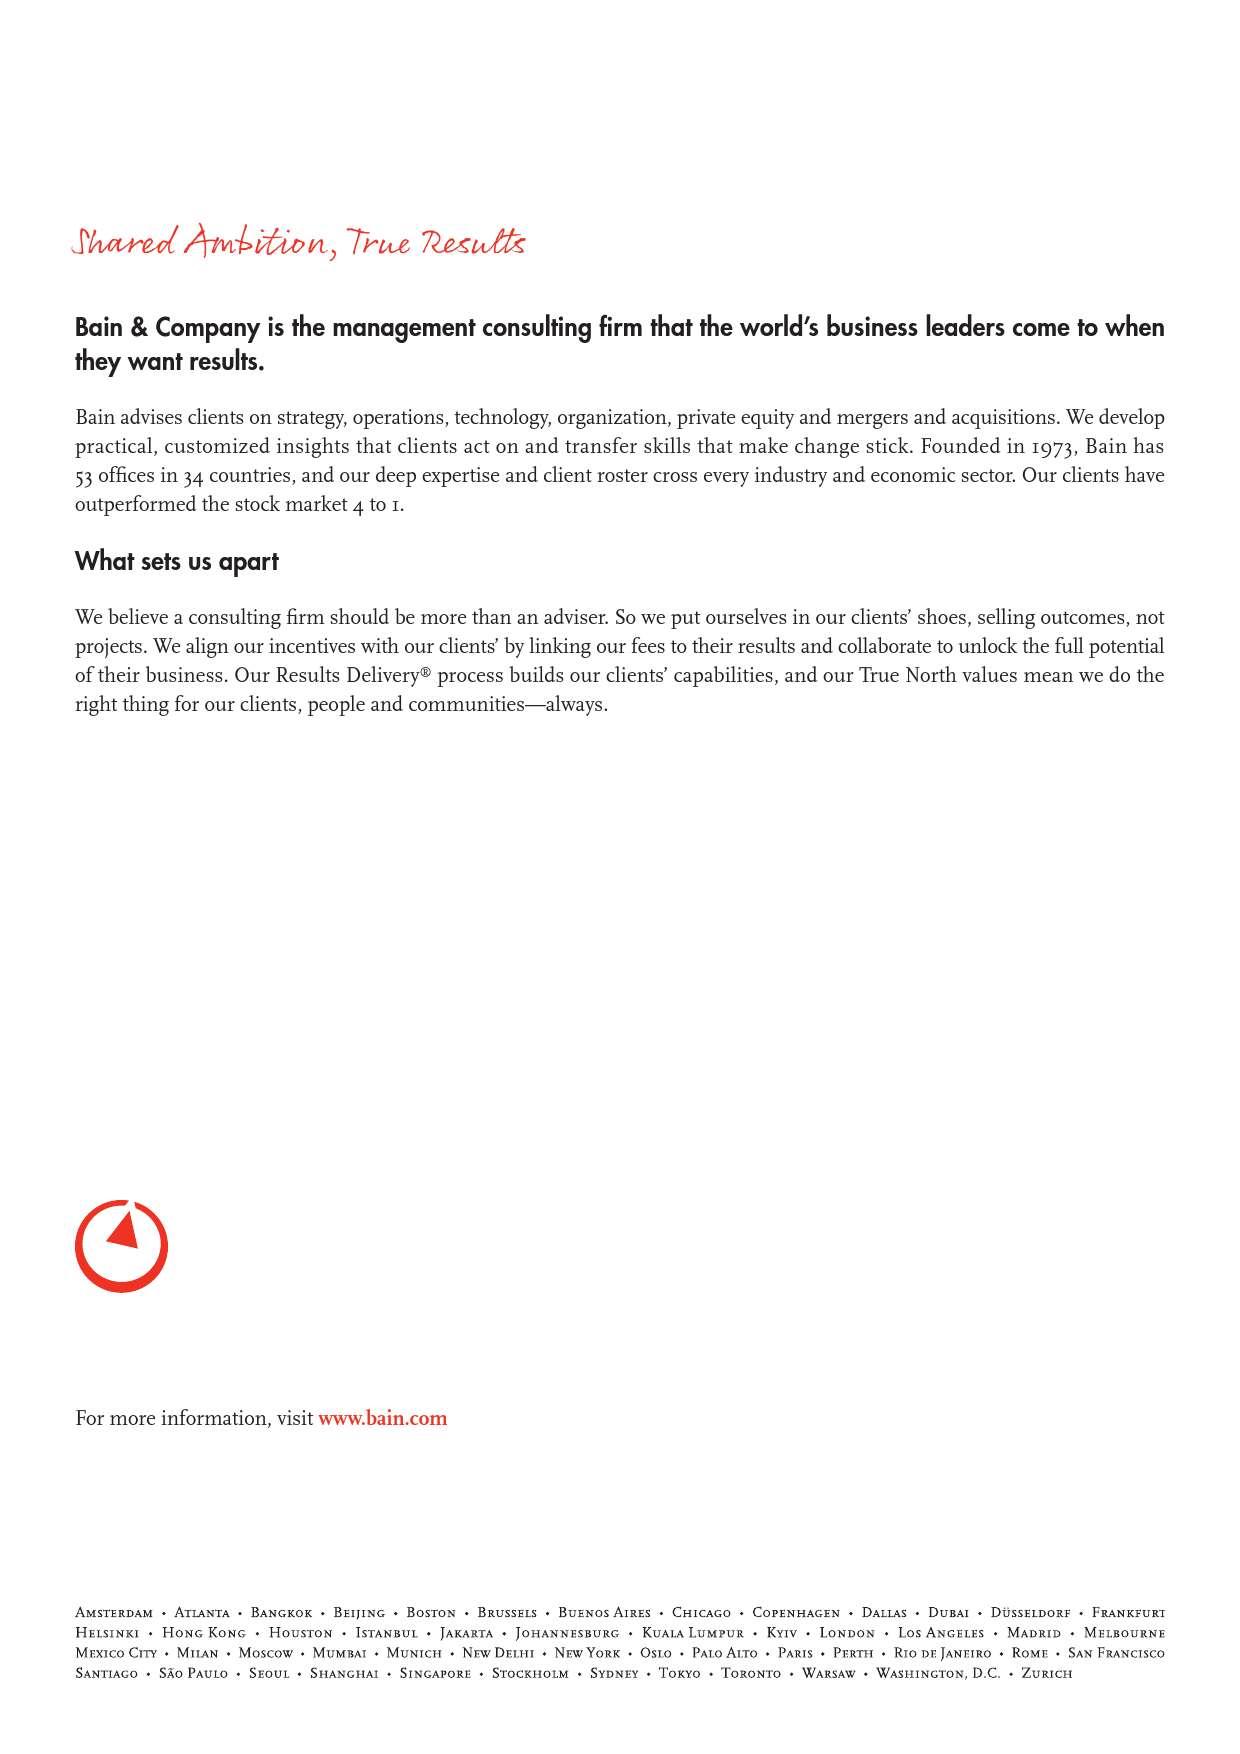 2015年全球奢侈品市场研究_000036